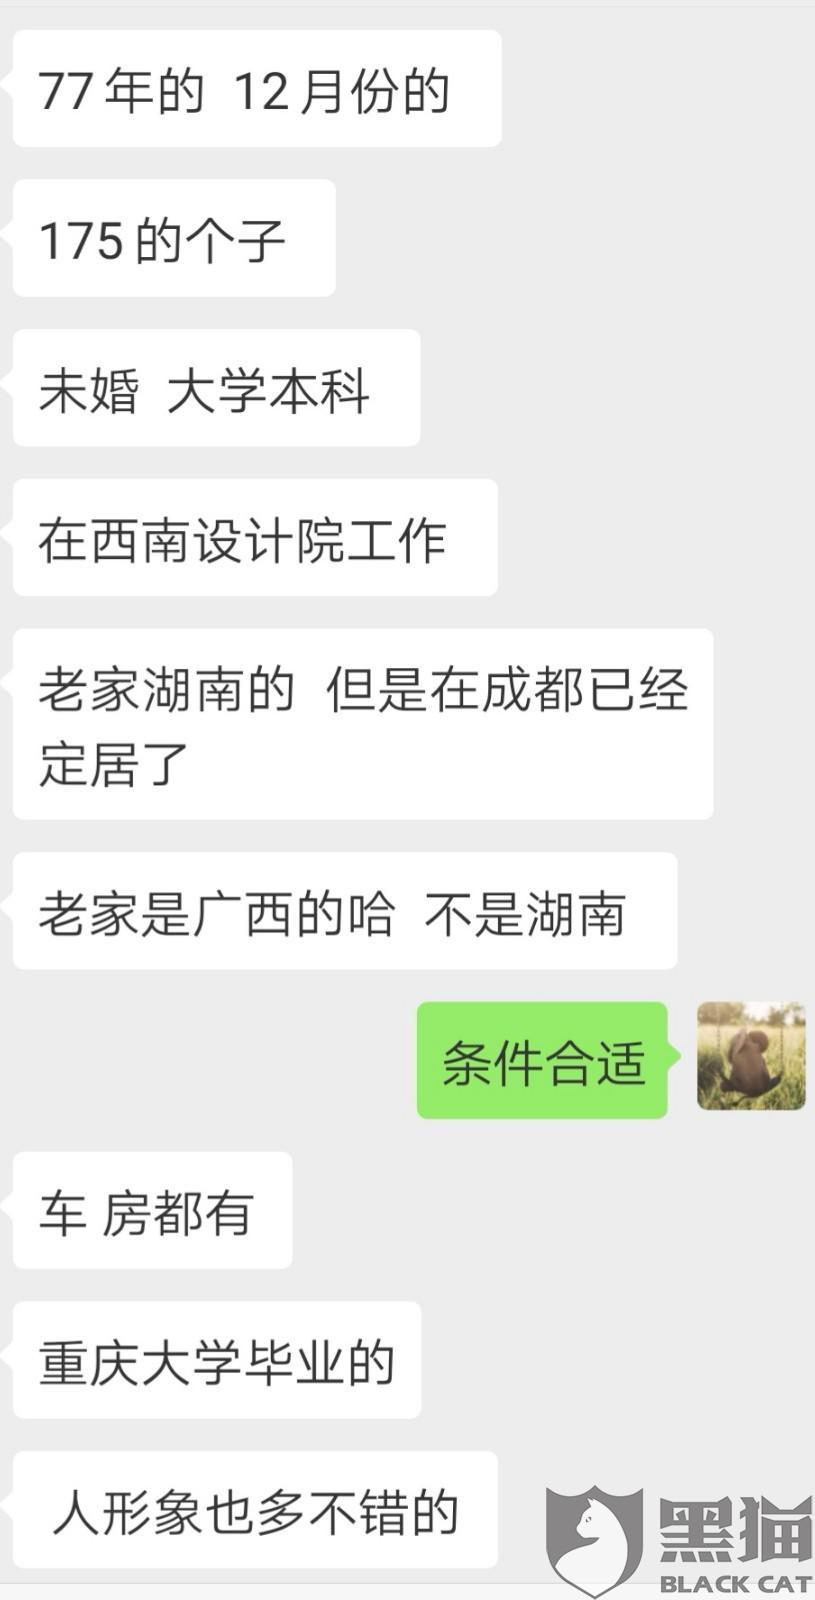 黑猫投诉:成都世纪佳缘金河店服务欺诈+霸王条款